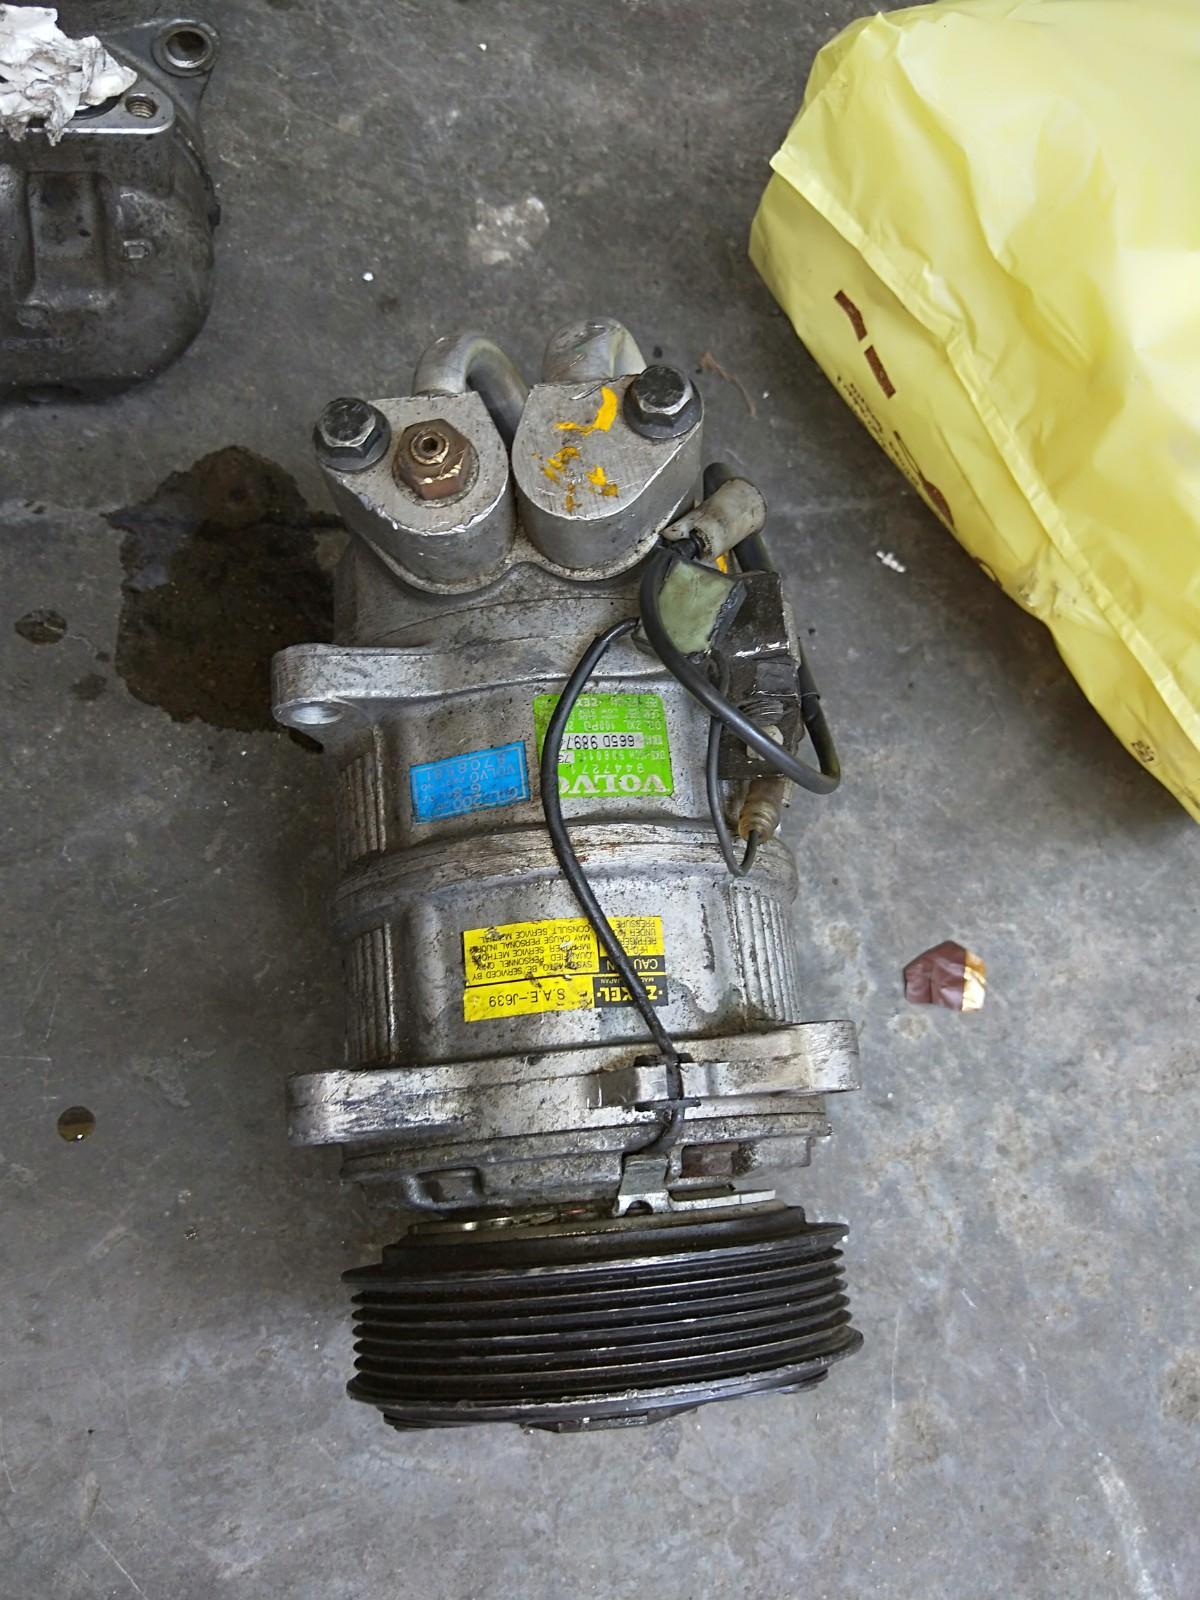 自动变速箱油路板厂家 自动变速箱油路板价格 自动变速箱油路板哪家好 自动变速箱油路板电话 自动变速箱油路板批发 自动变速